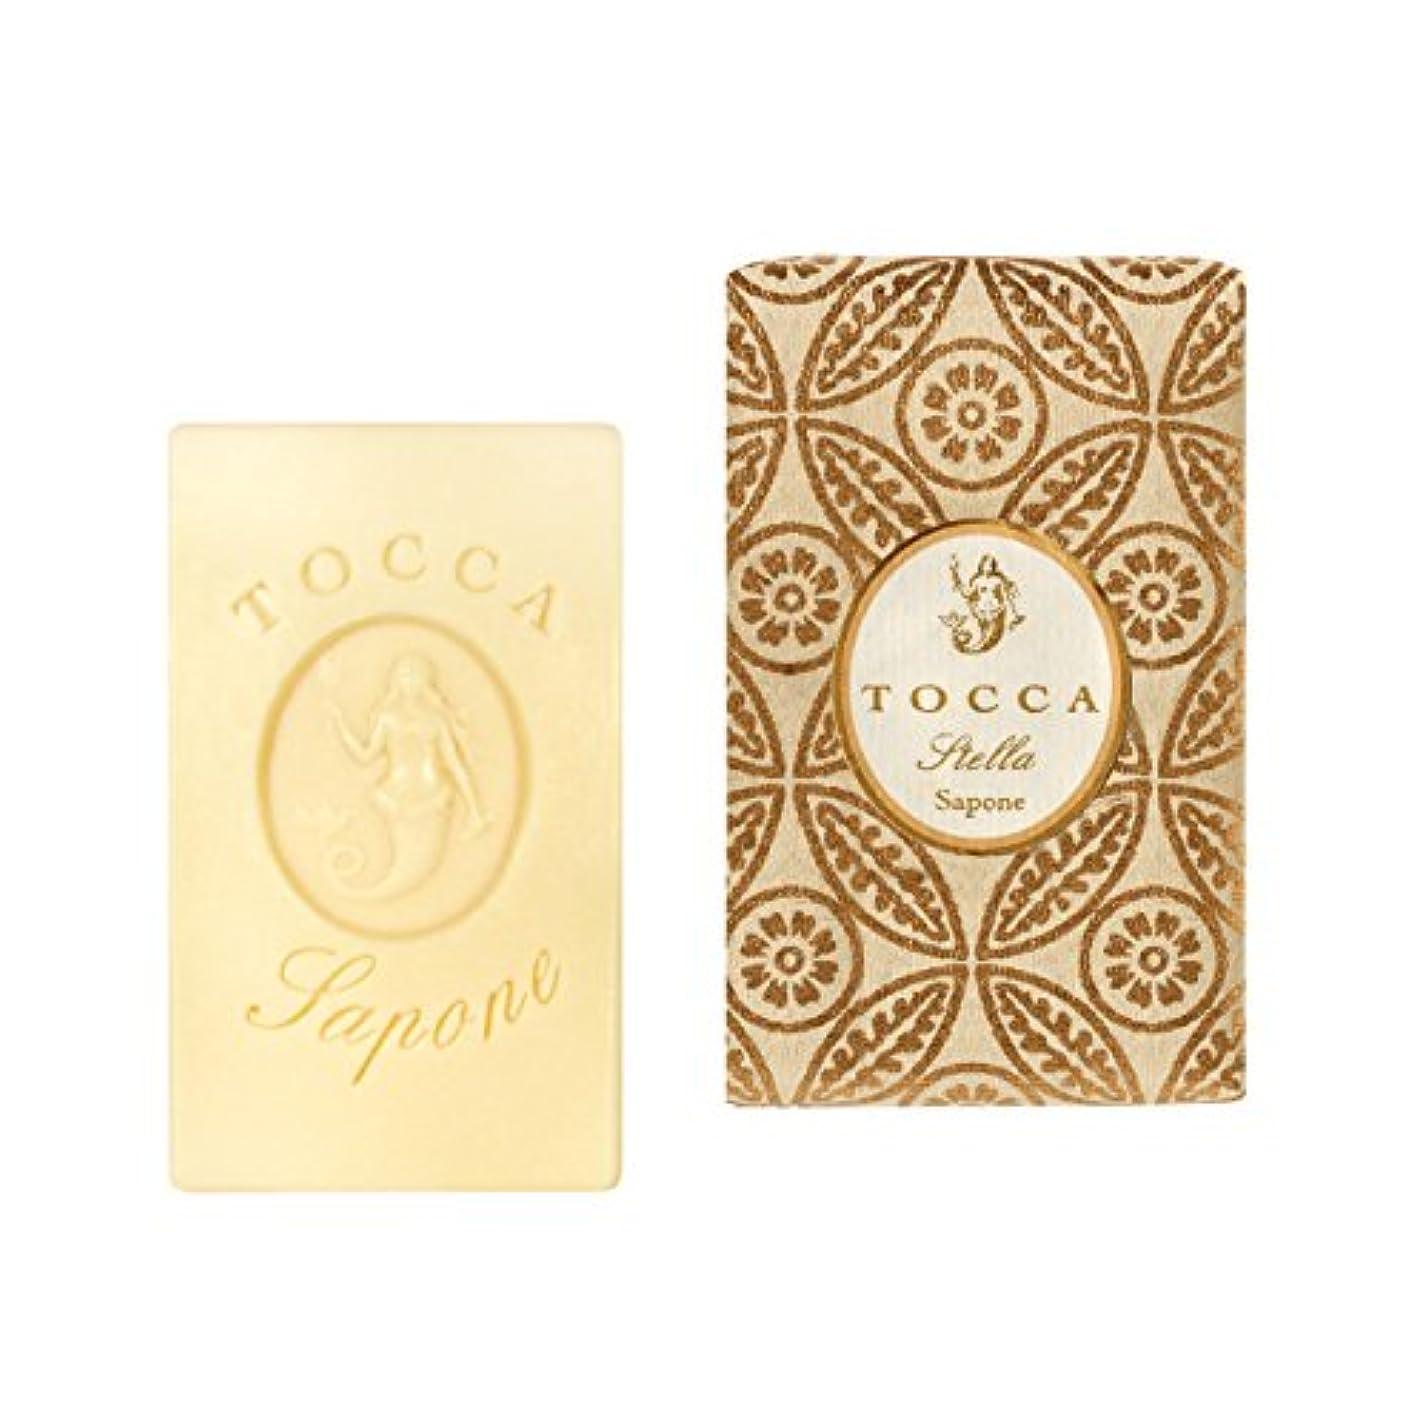 宇宙悲観主義者力強いトッカ(TOCCA) ソープバー ステラの香り 113g(石けん 化粧石けん イタリアンブラッドオレンジが奏でるフレッシュでビターな爽やかさ漂う香り)